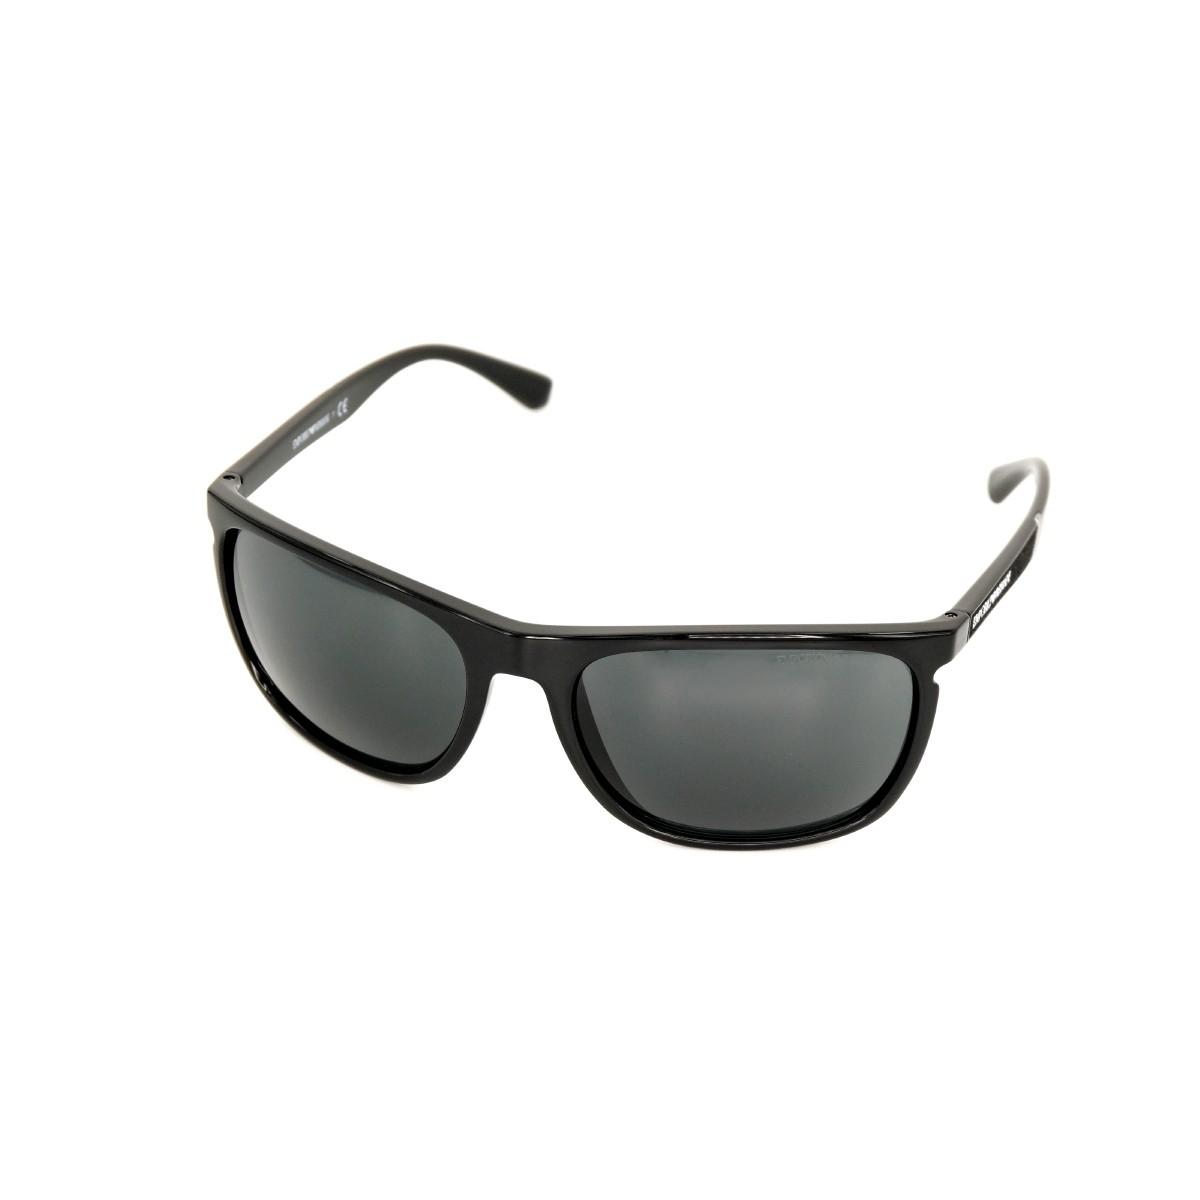 Emporio Armani 4107 nero lucido 501787, 73,00€, Occhiali Emporio Armani Nero a forma Rettangolare